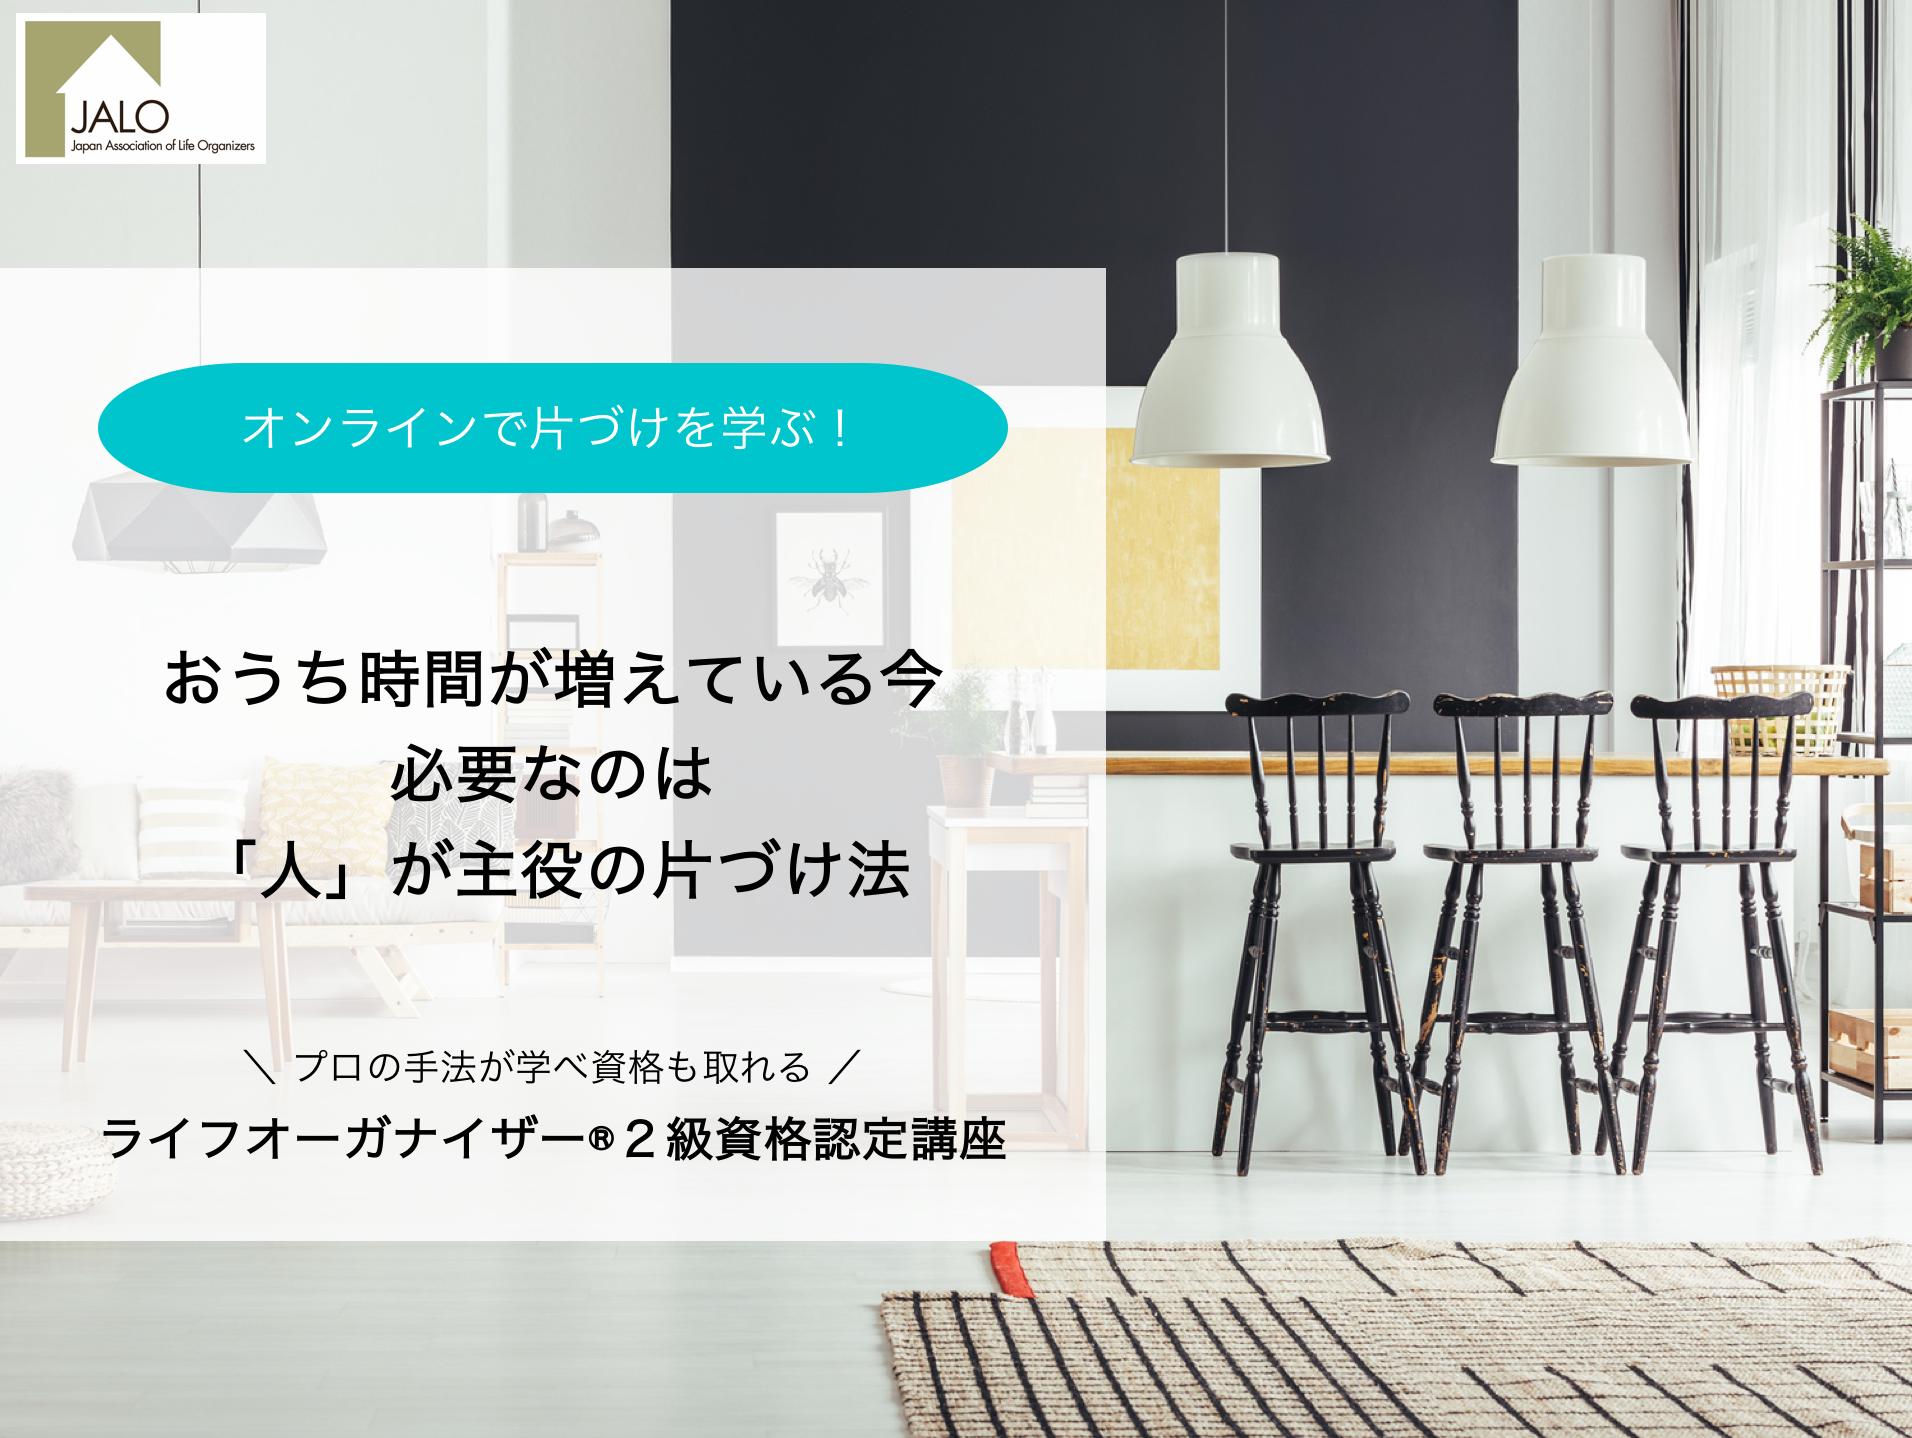 【オンライン開催】ライフオーガナイザー2級認定講座*平日開催